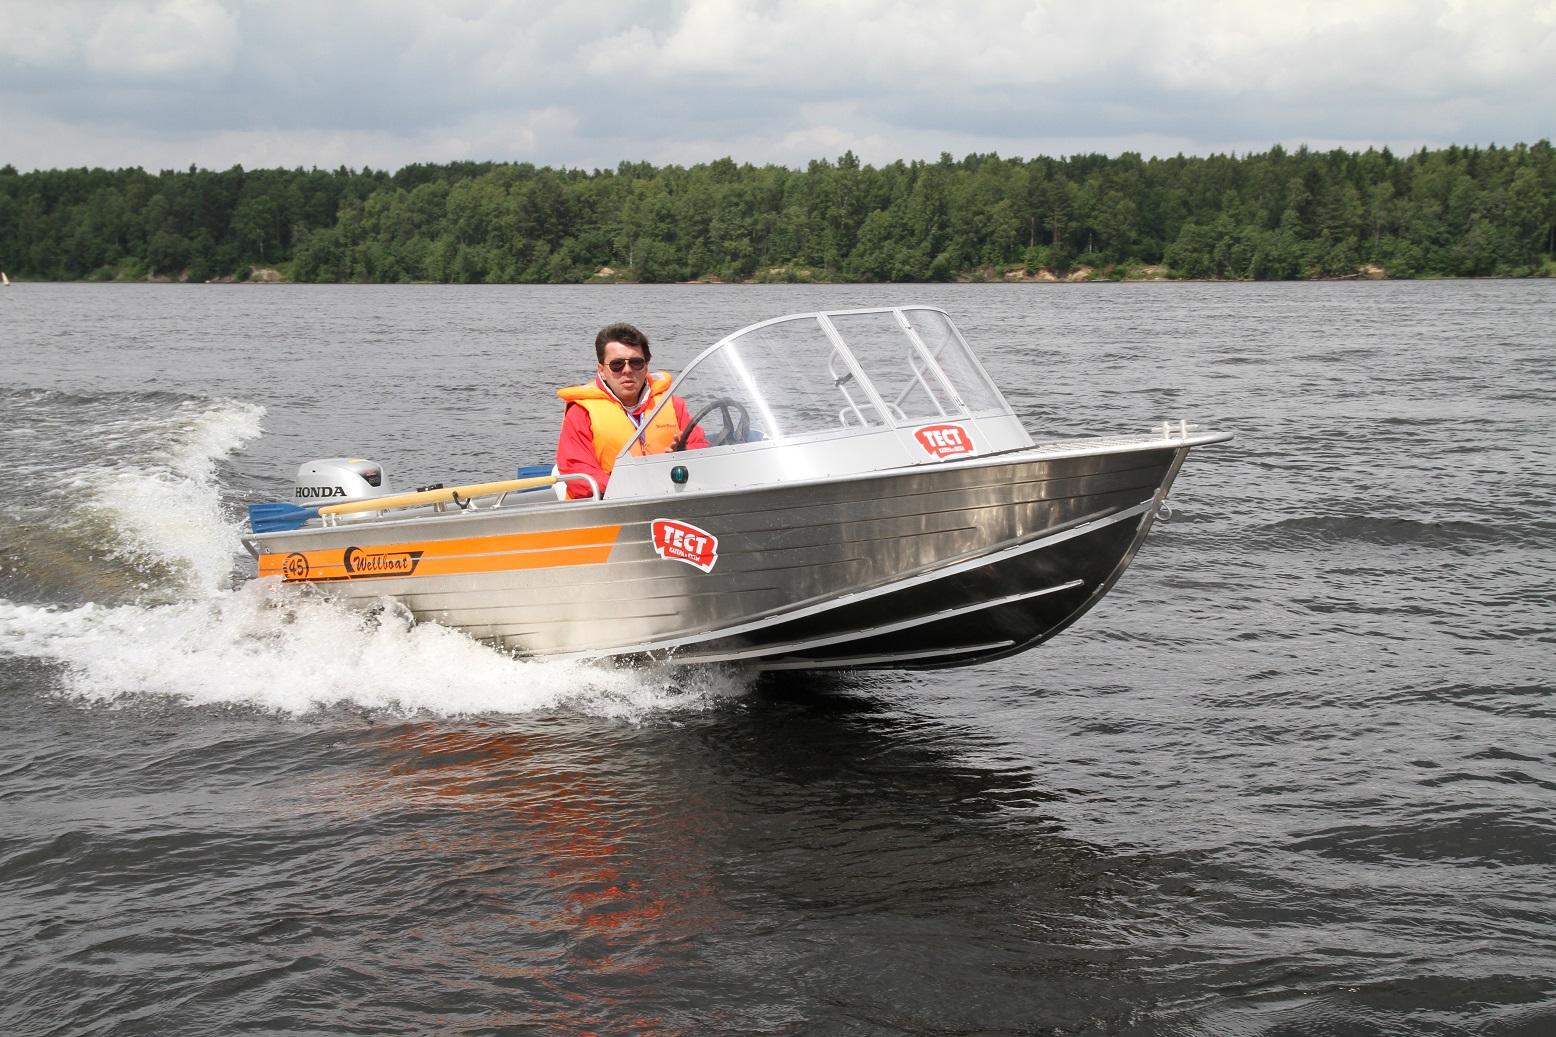 Ремонт алюминиевых лодок - особенности эксплуатации и ремонта